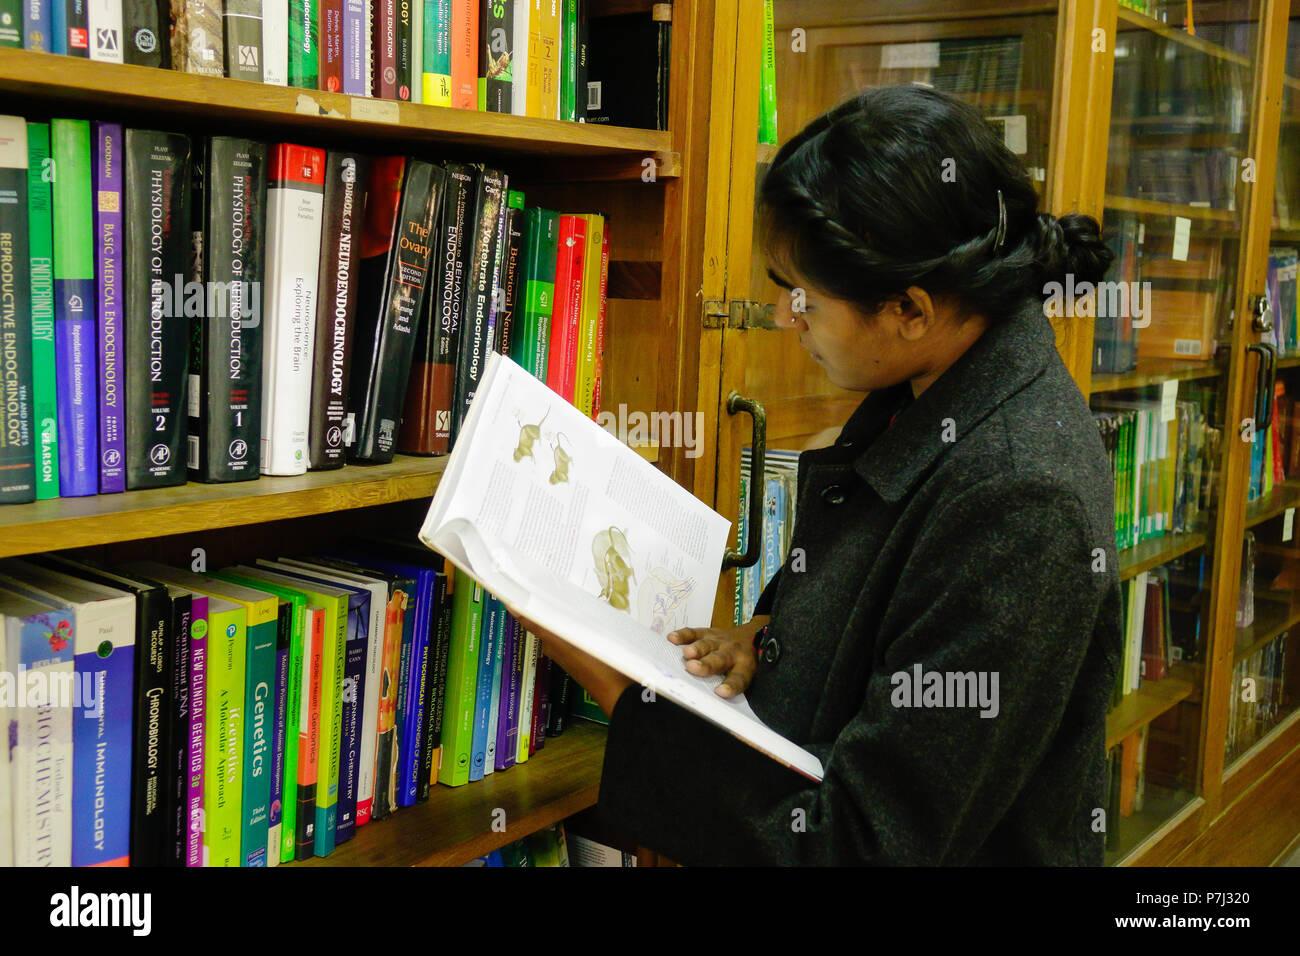 Una joven mujer India profesor buscando libros en el estante